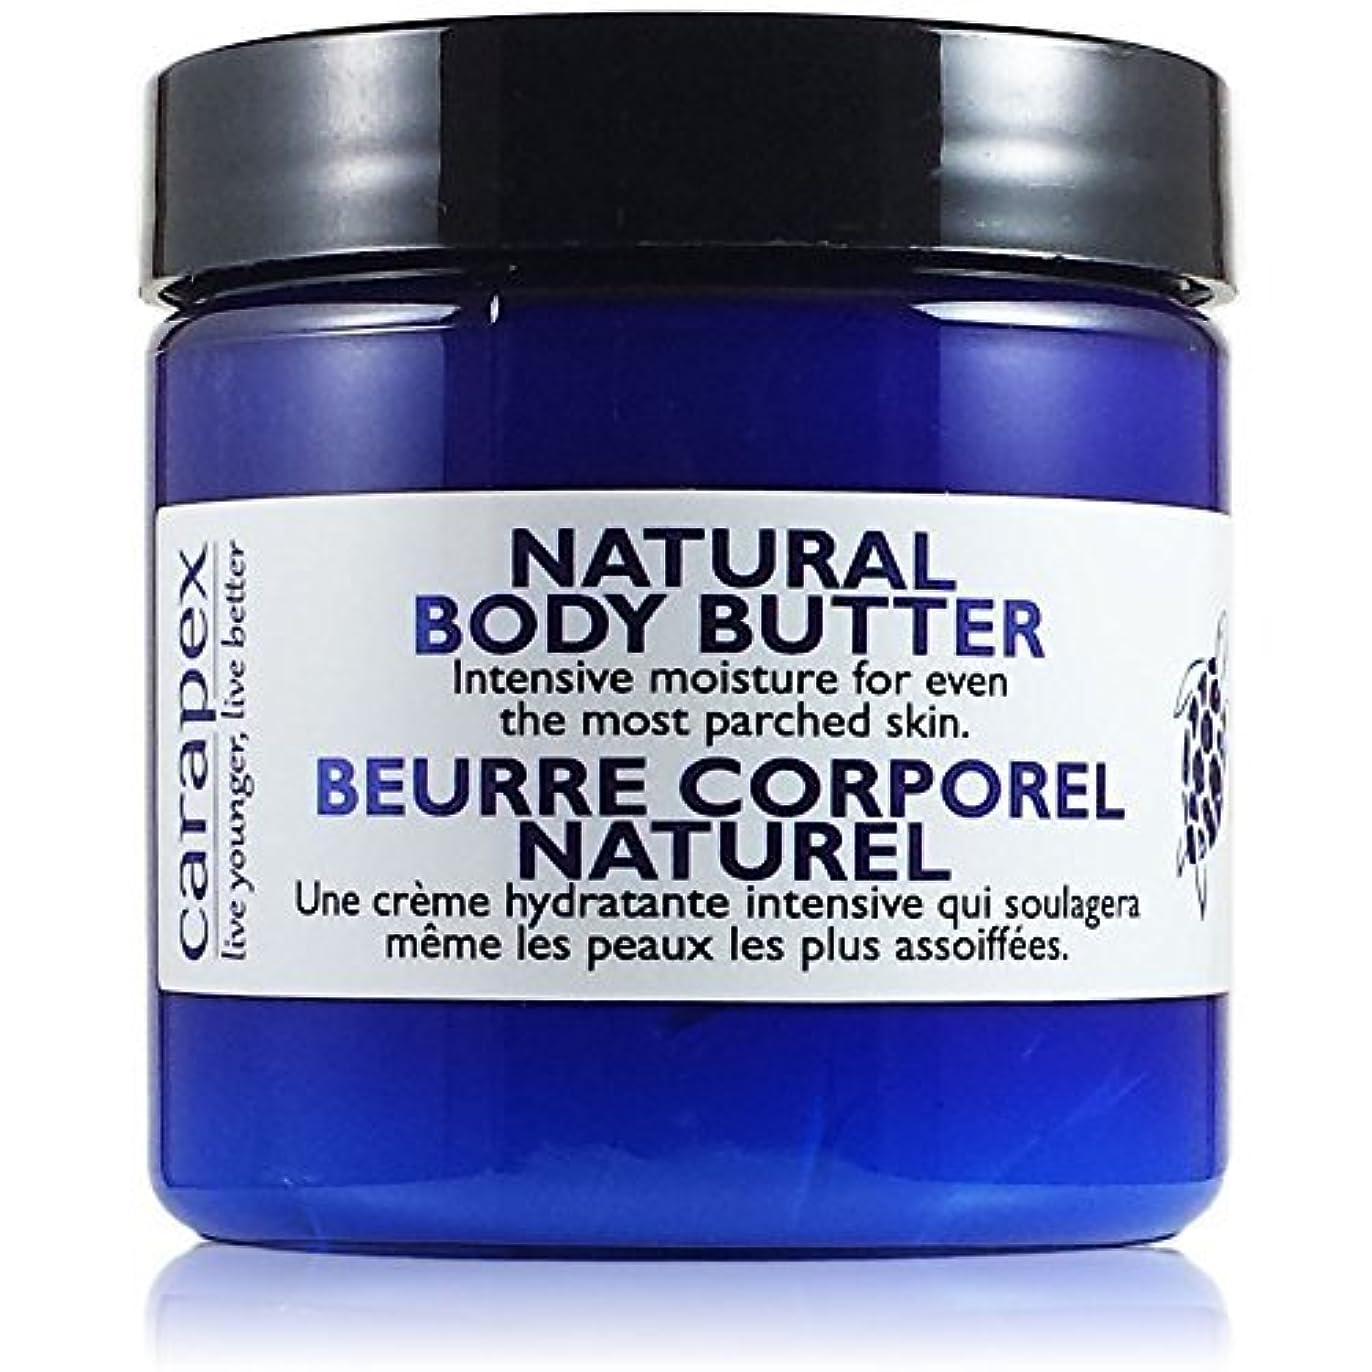 リラックスした効率養うCarapex Natural Body Butter Heavy Duty Hand Cream Intensive for Extremely Dry Skin Super Dry Hands Cracks Chapped Hands Unscented Paraben Free 4oz [並行輸入品]